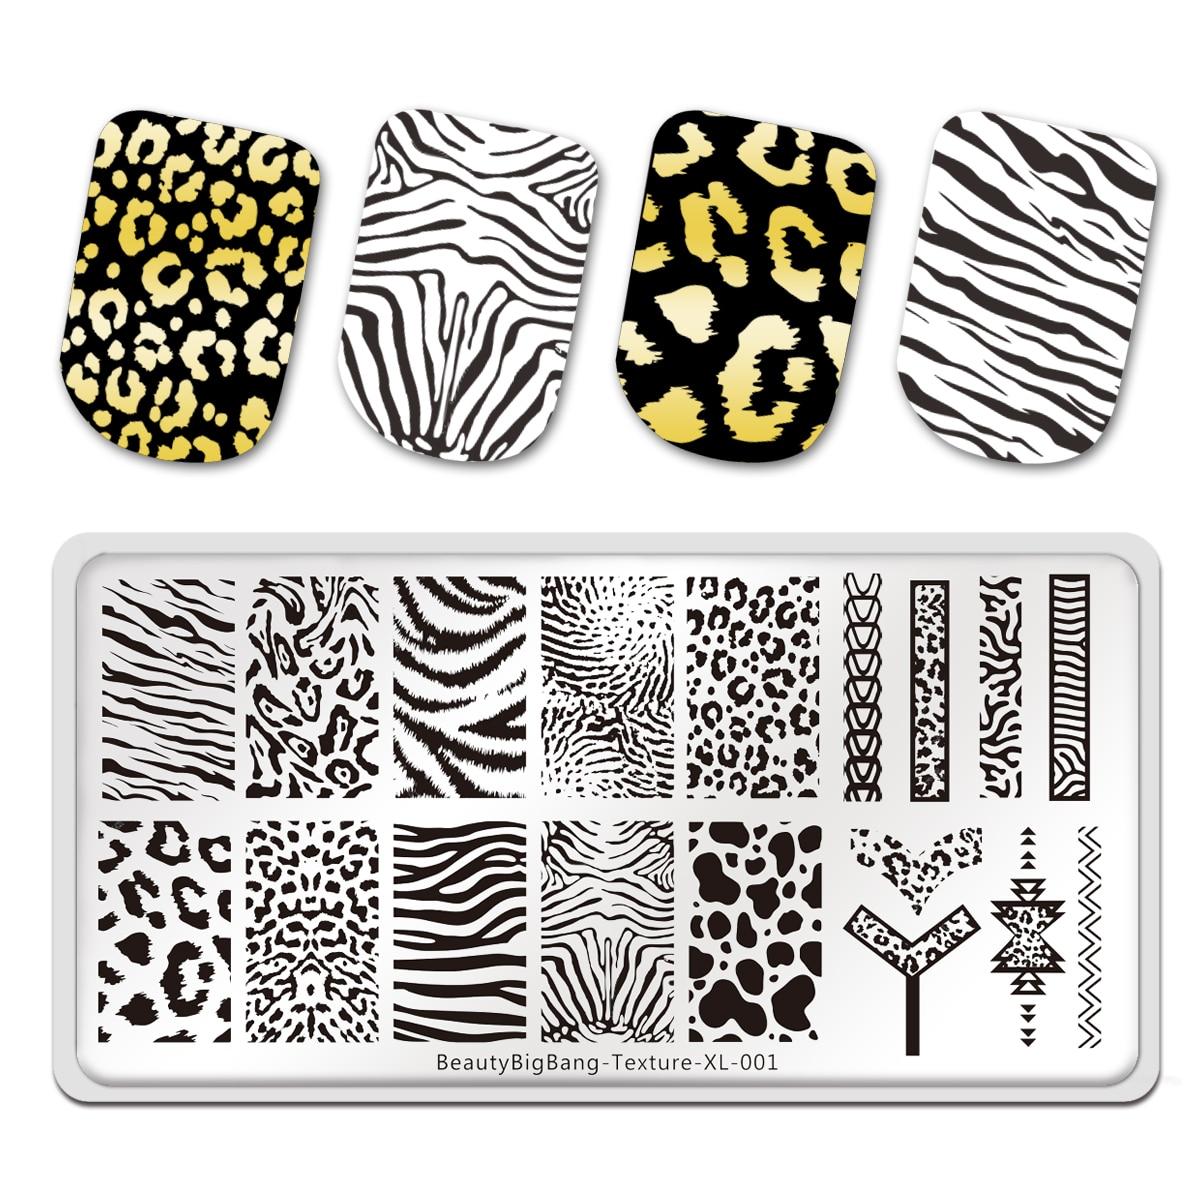 Трафареты BeautyBigBang из нержавеющей стали с изображением тигра, зебры, леопарда, животных